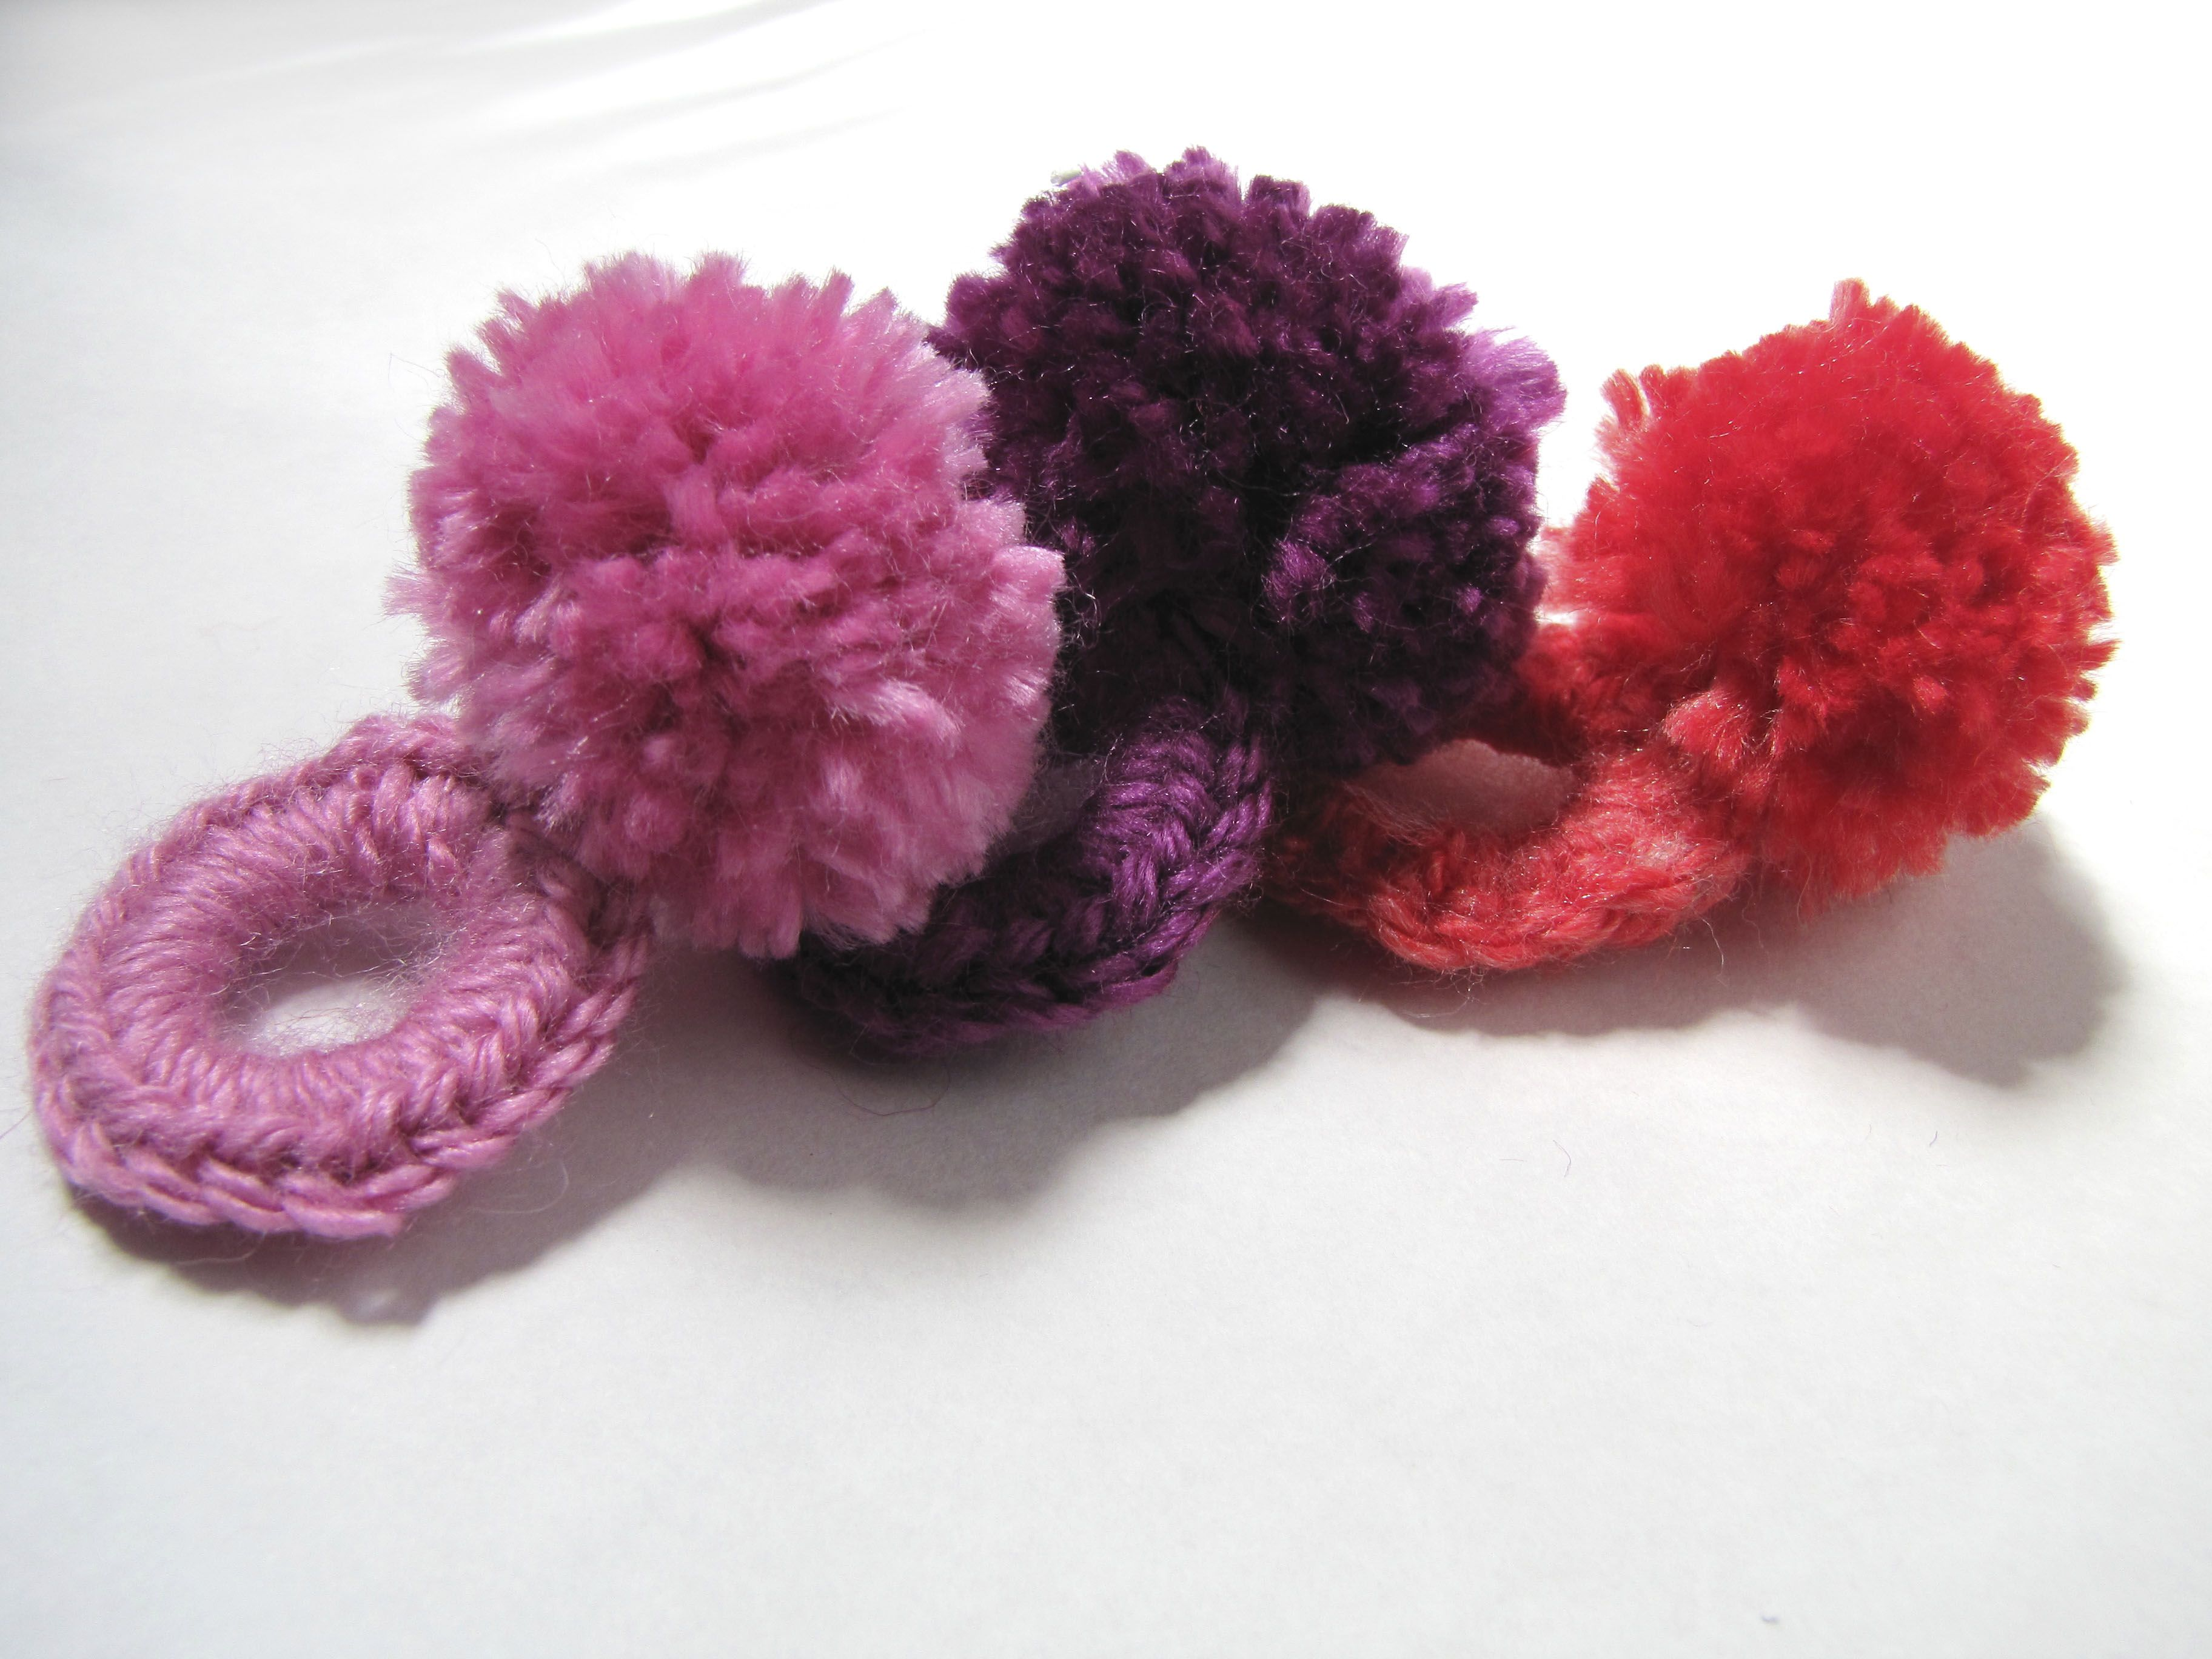 Colitas de pelo pompon | *I love C R O C H E T * Learn | Pinterest